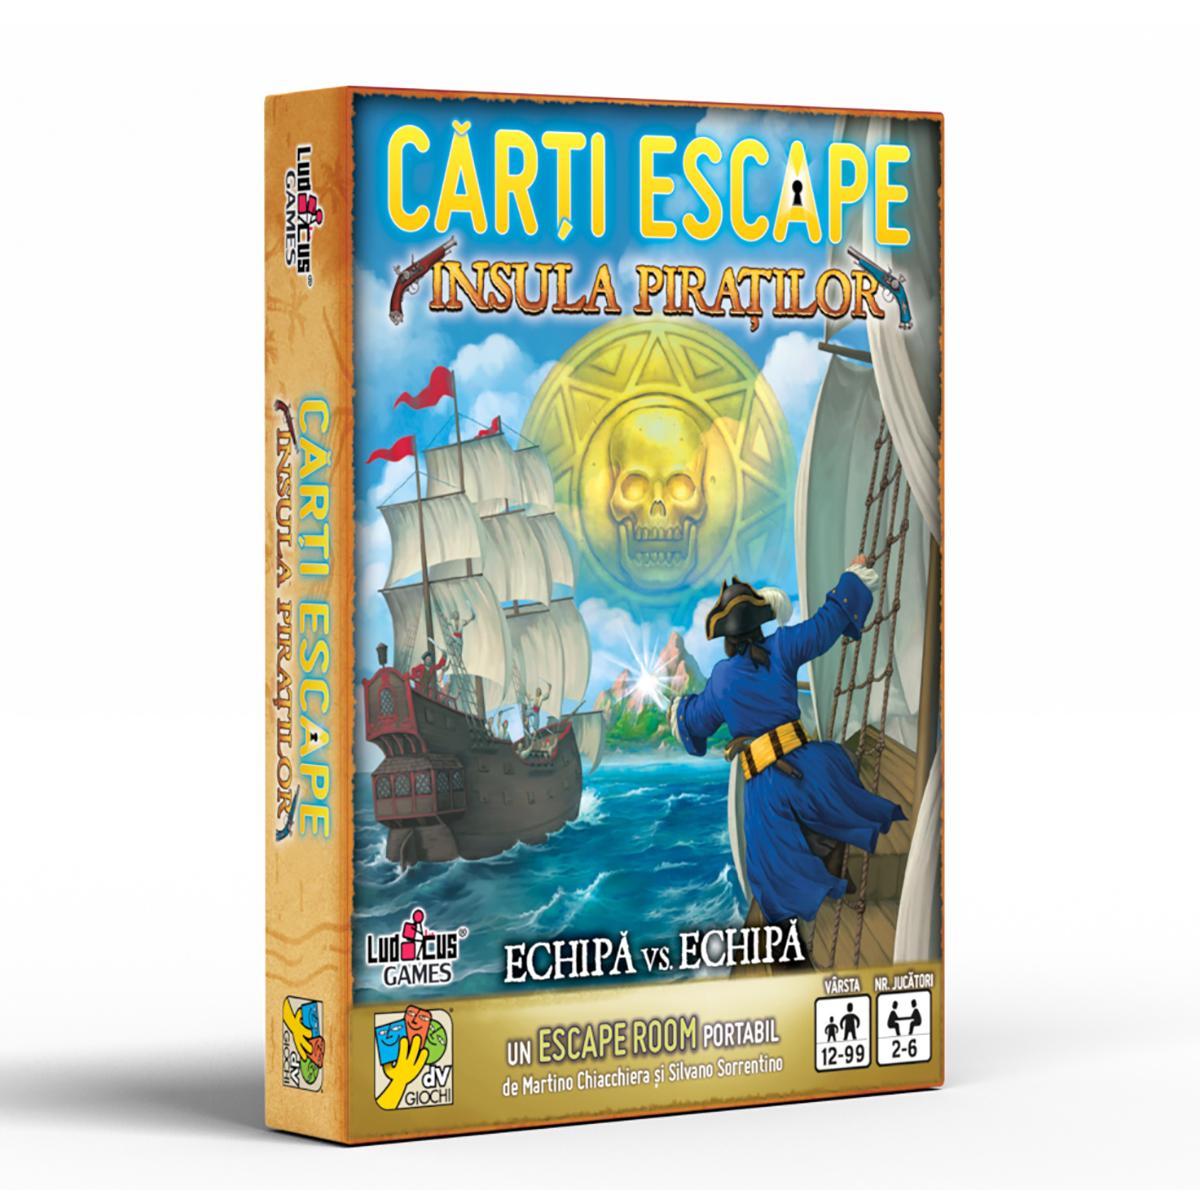 Joc de societate dV Giochi, Carti Escape, Insula piratilor